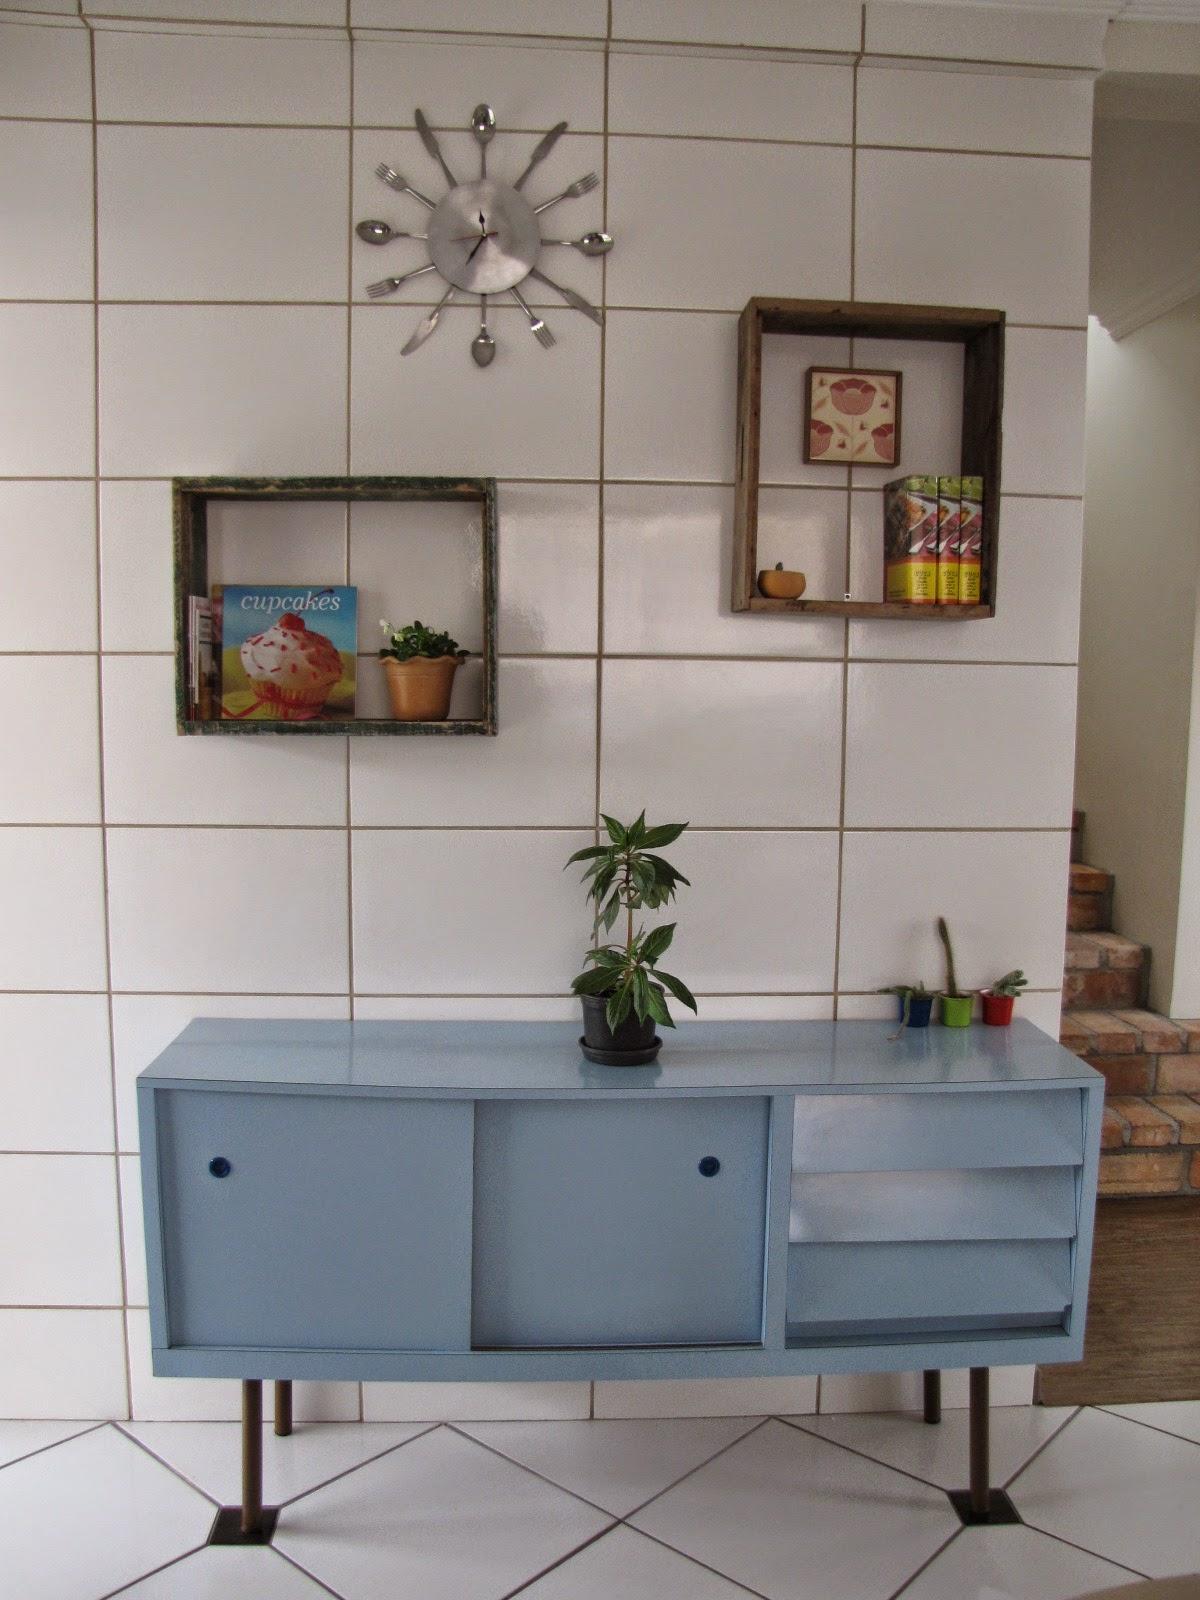 Nicho Cozinha Affordable Cozinha Colormaq Paraty Peas Em Ao Branco